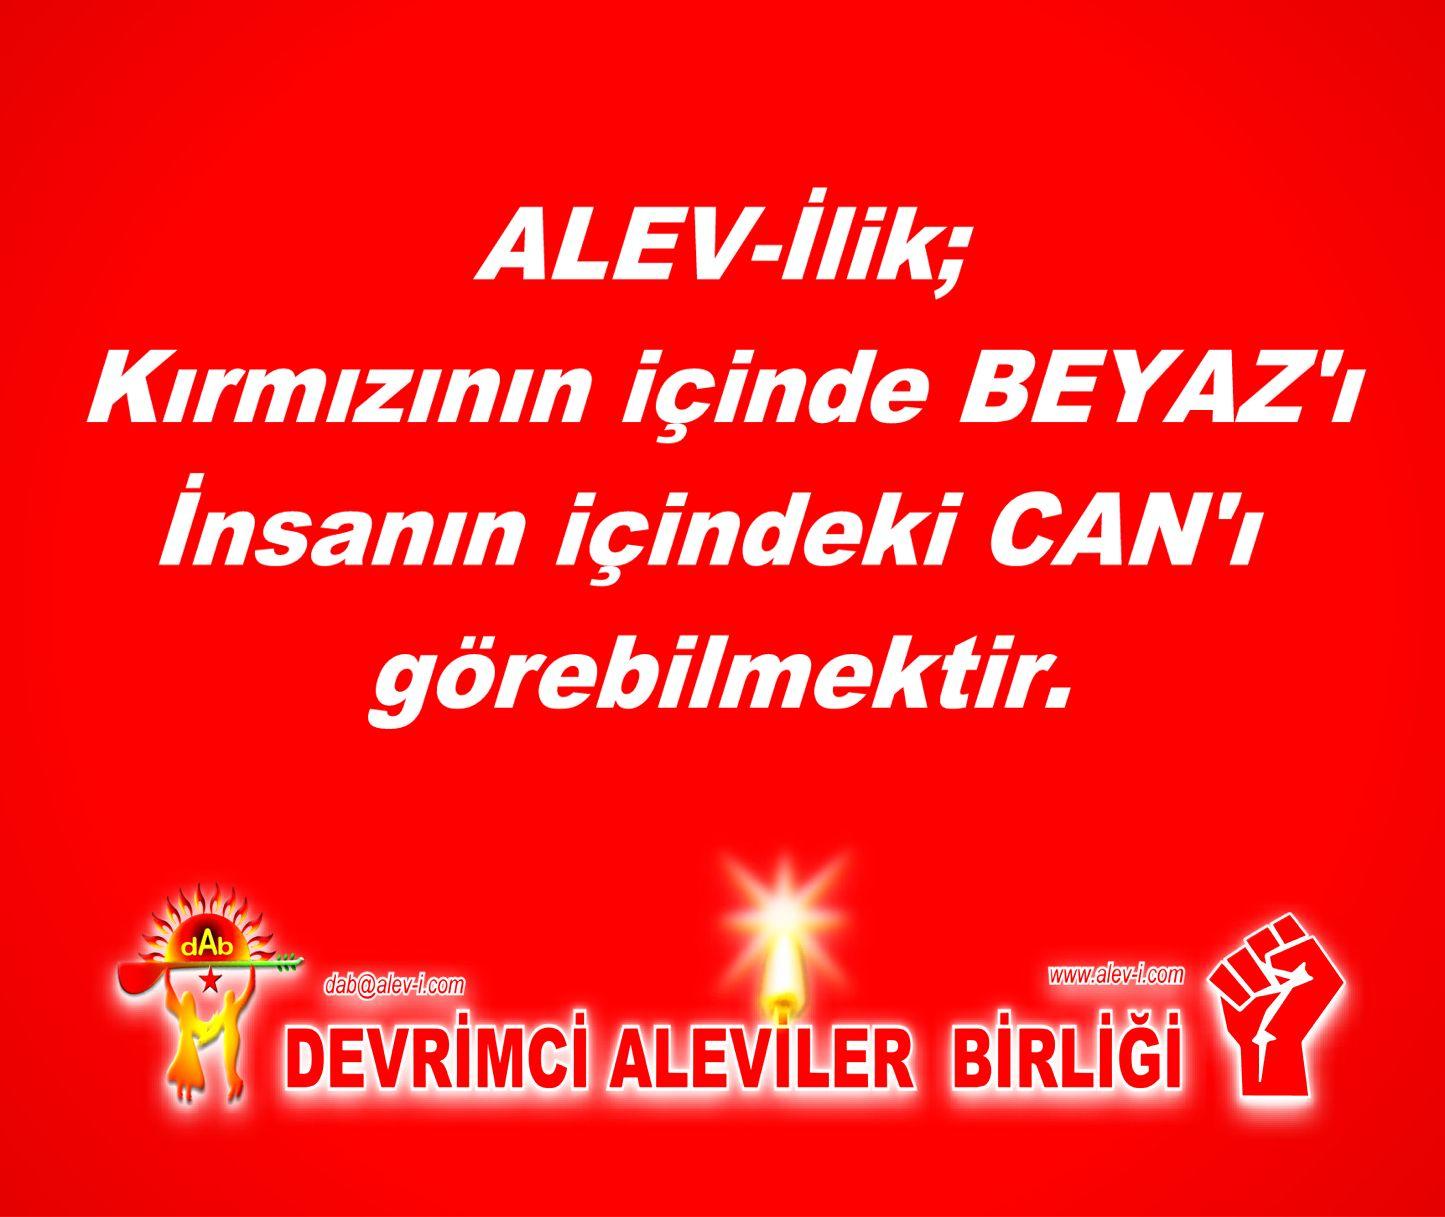 Devrimci Aleviler Birliği DAB Alevi Kızılbaş Bektaşi pir sultan cem hz Ali 12 imam semah Feramuz Şah Acar TY1